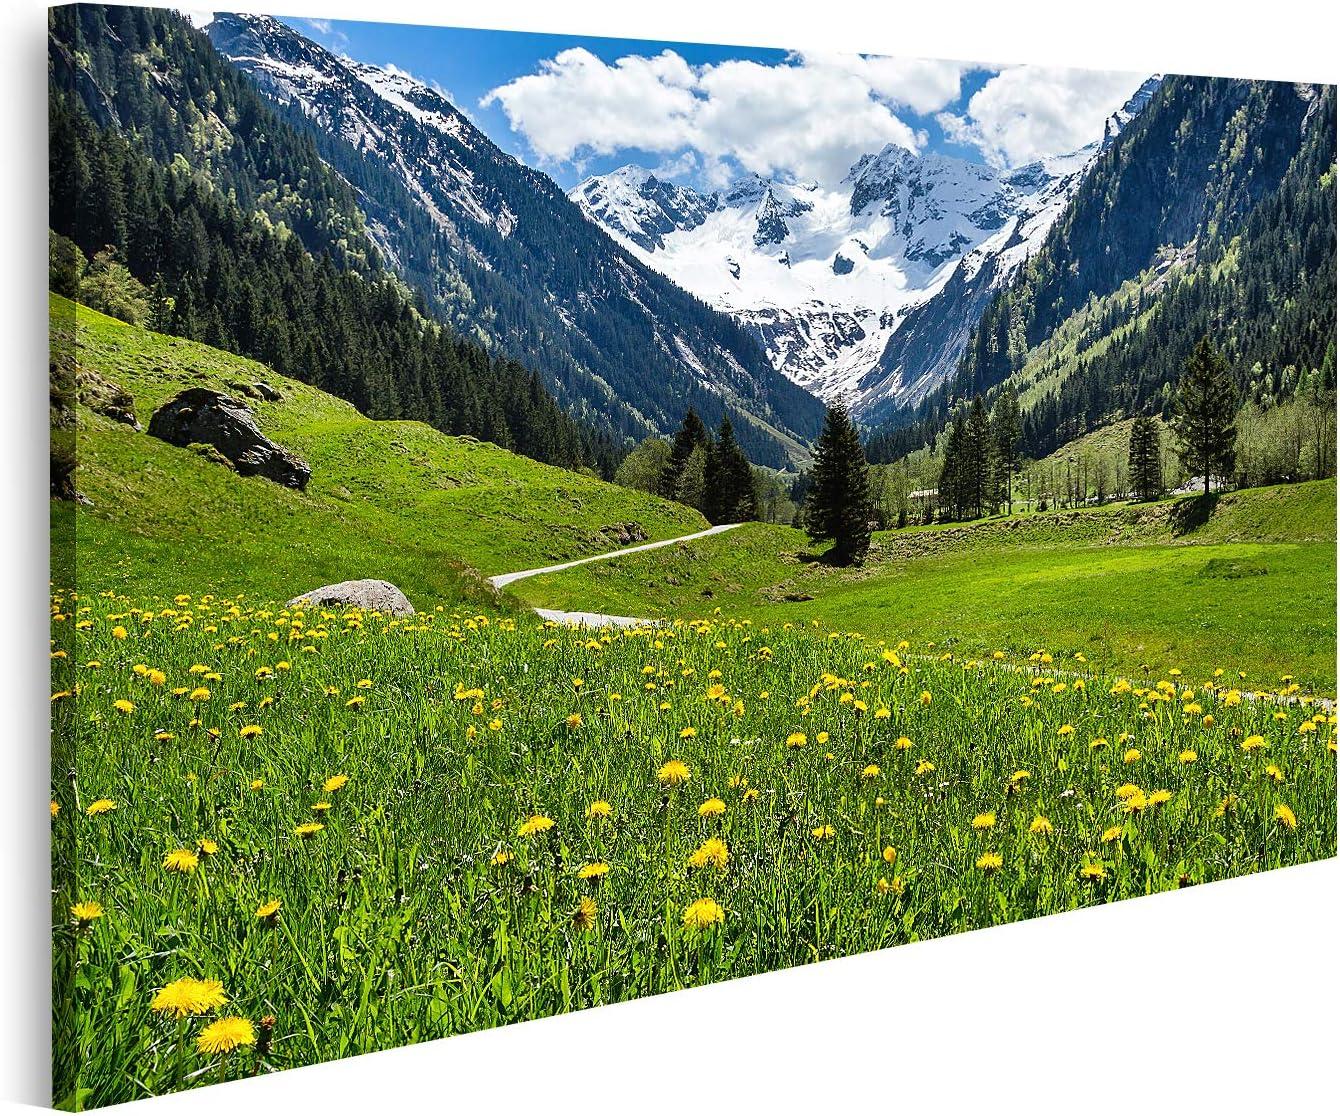 Cuadro en lienzo Increíble paisaje alpino de primavera y verano con flores verdes del prado y un pico nevado en el fondo Tirol Stillup Valley Austria Cuadros Modernos Decoracion Impresión Salon